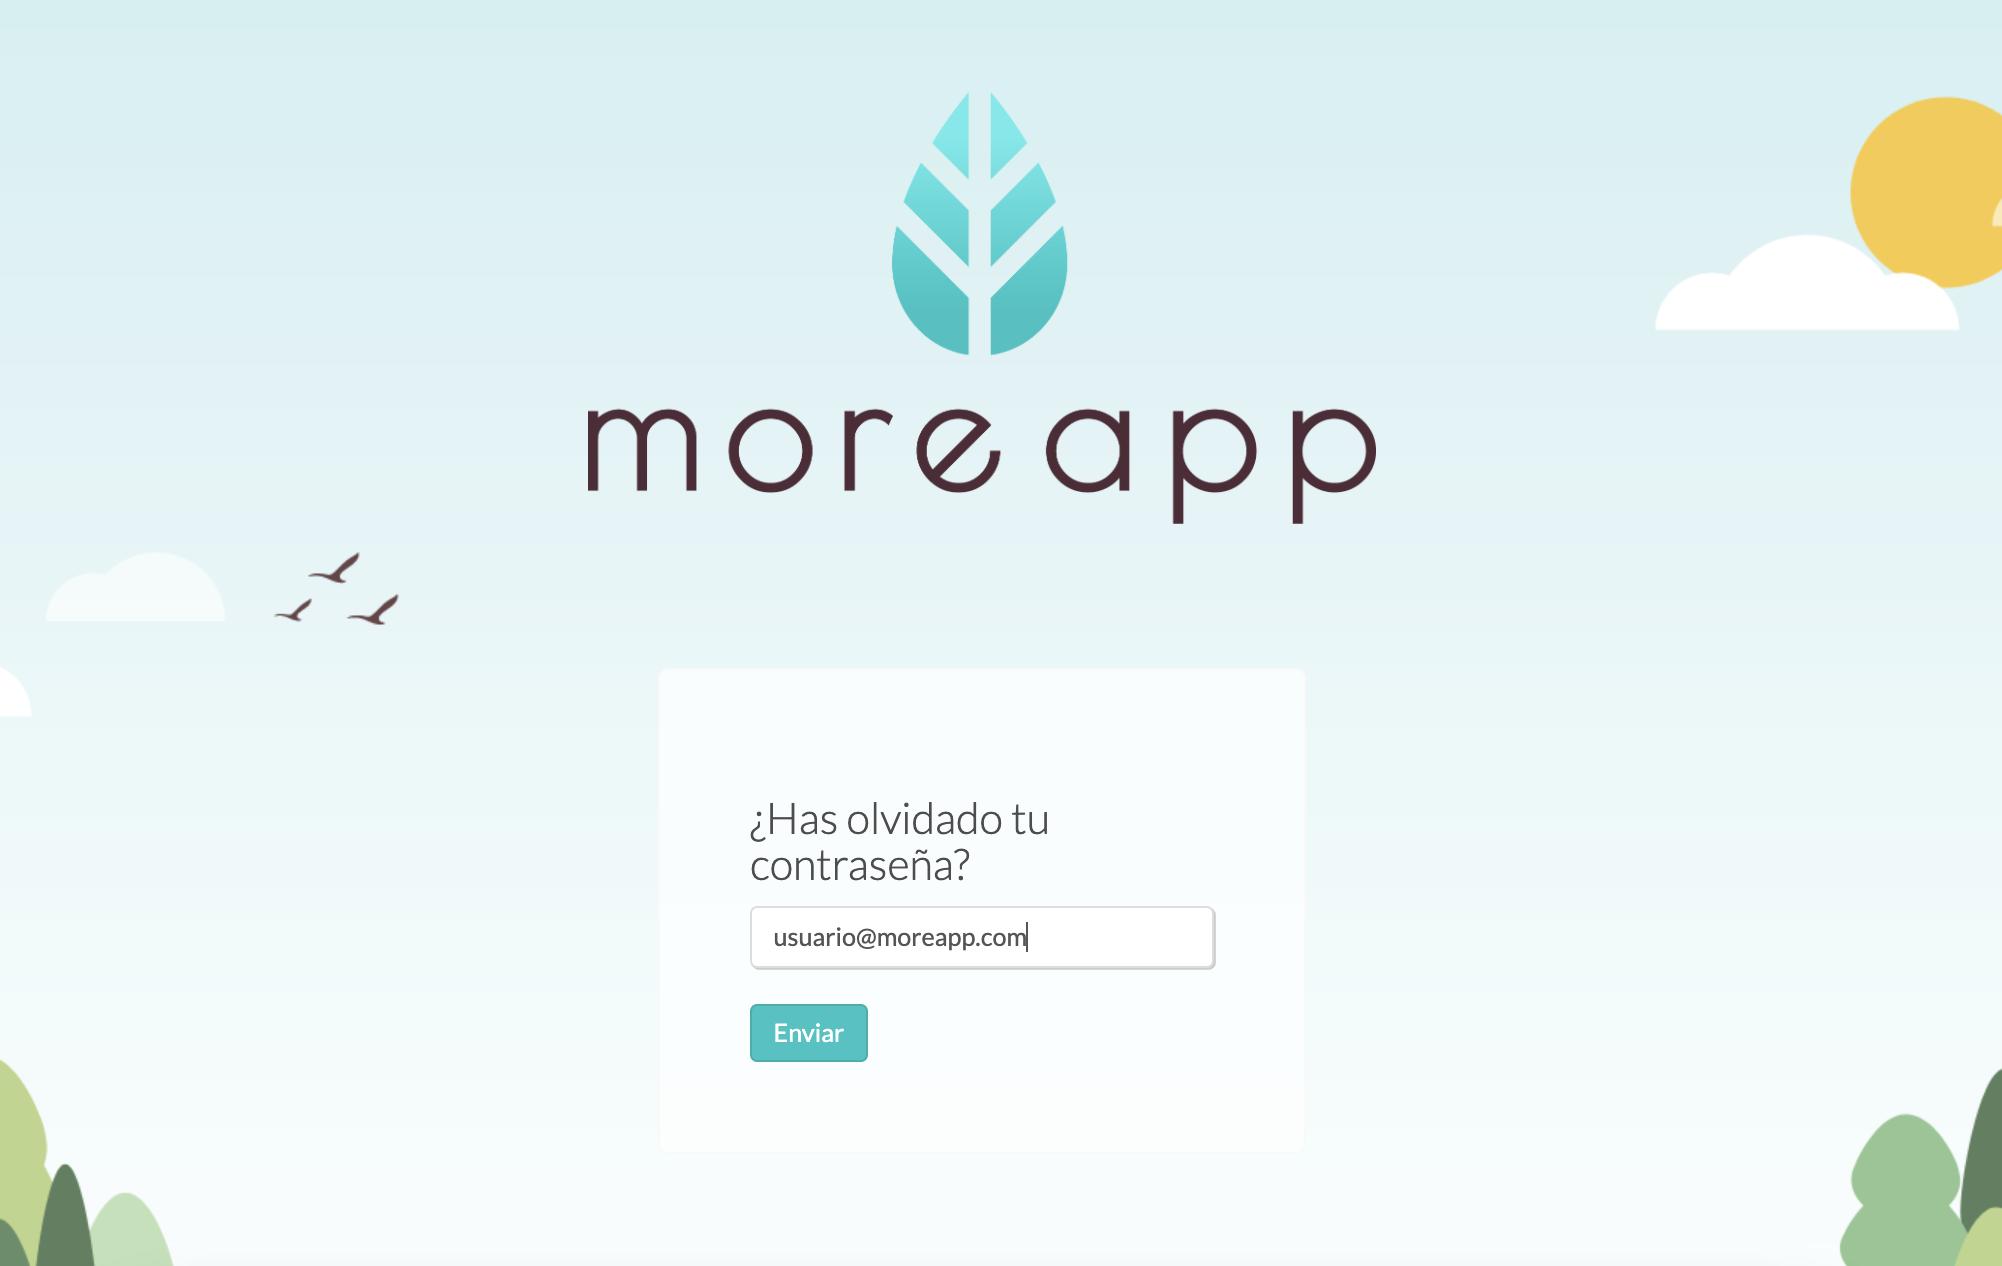 Enviar Nueva Contraseña MoreApp